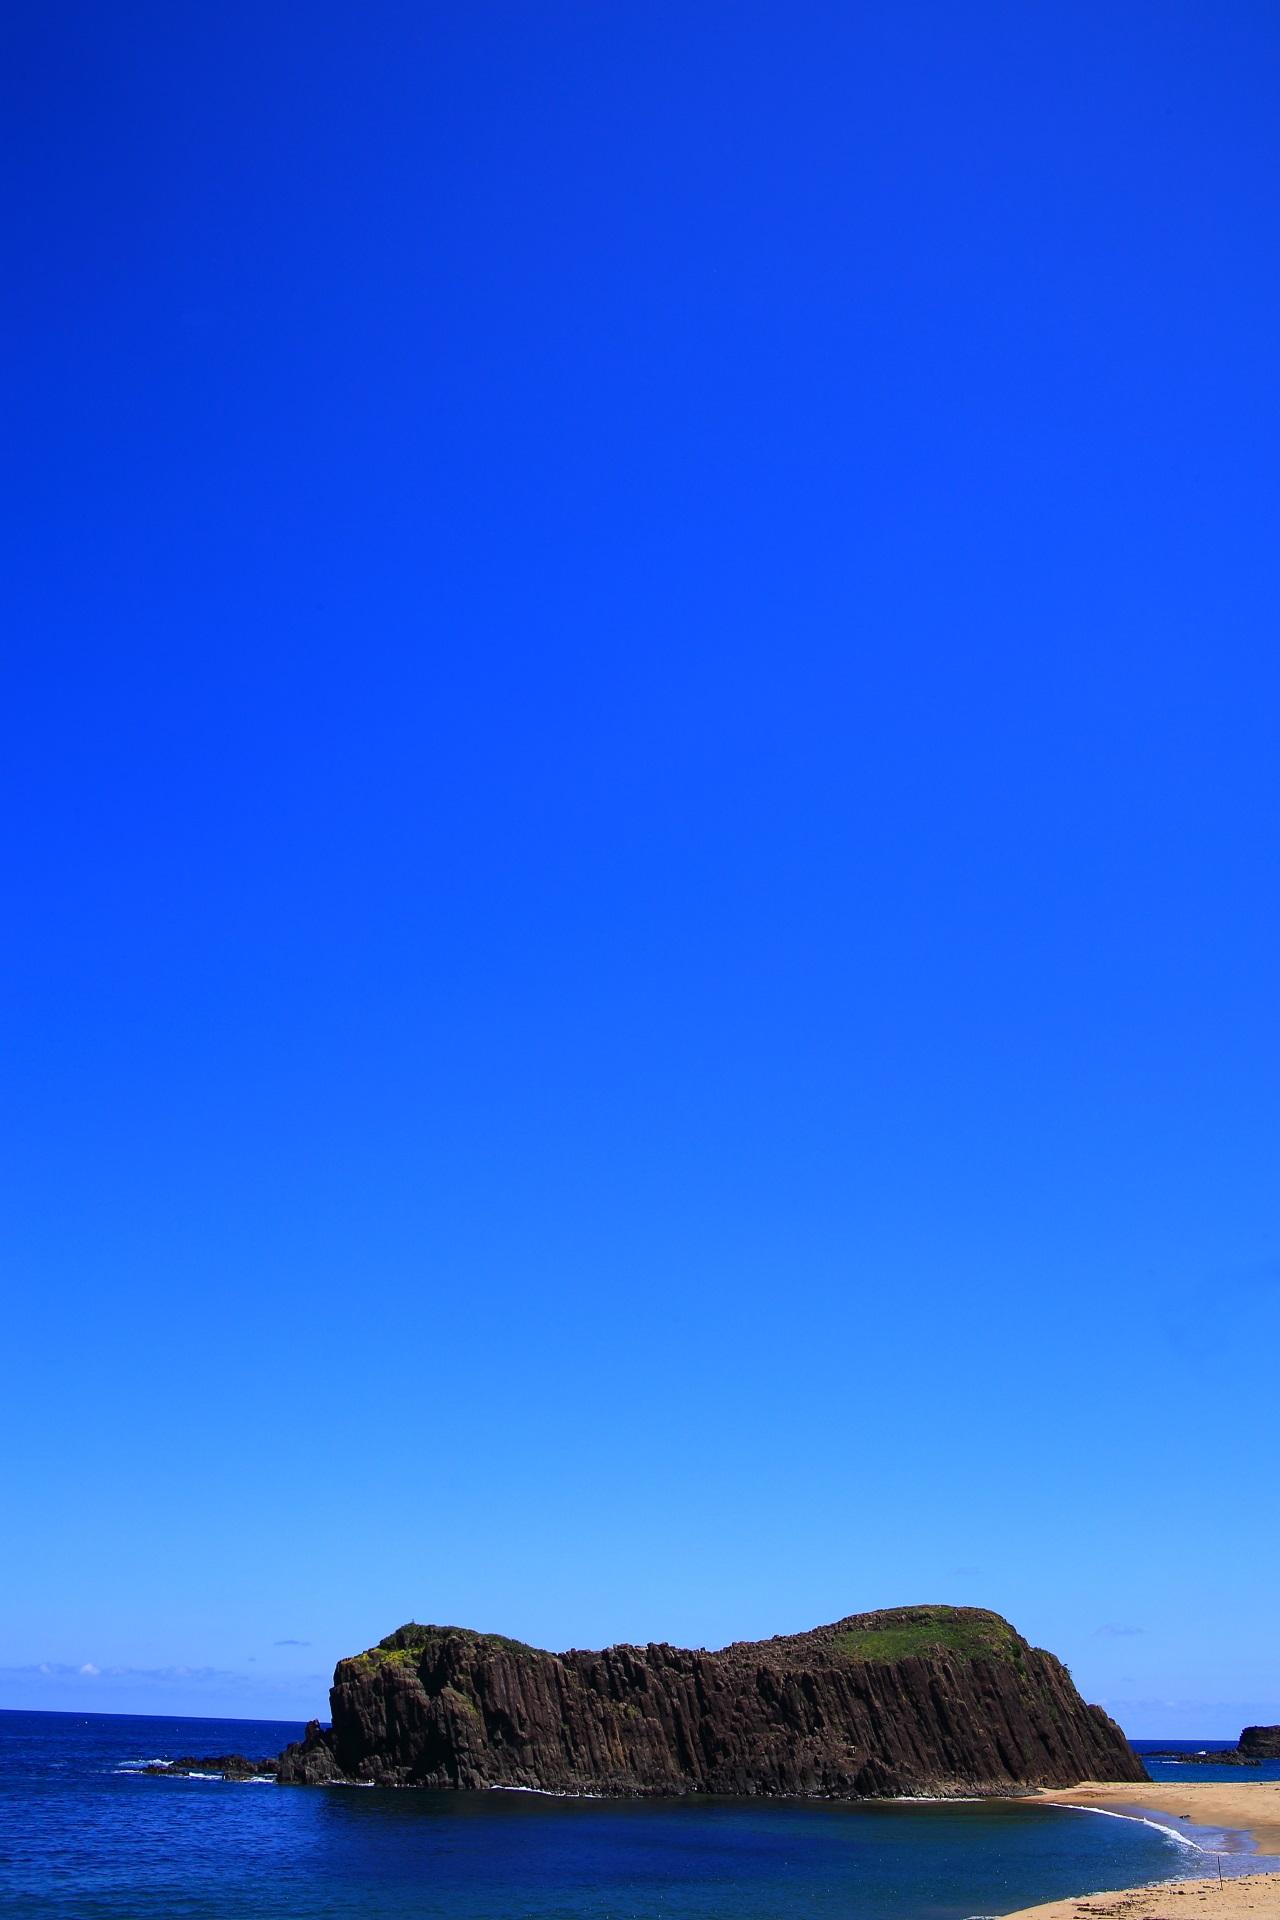 最高の青空と海が綺麗なことでも有名な後ヶ浜の青い海